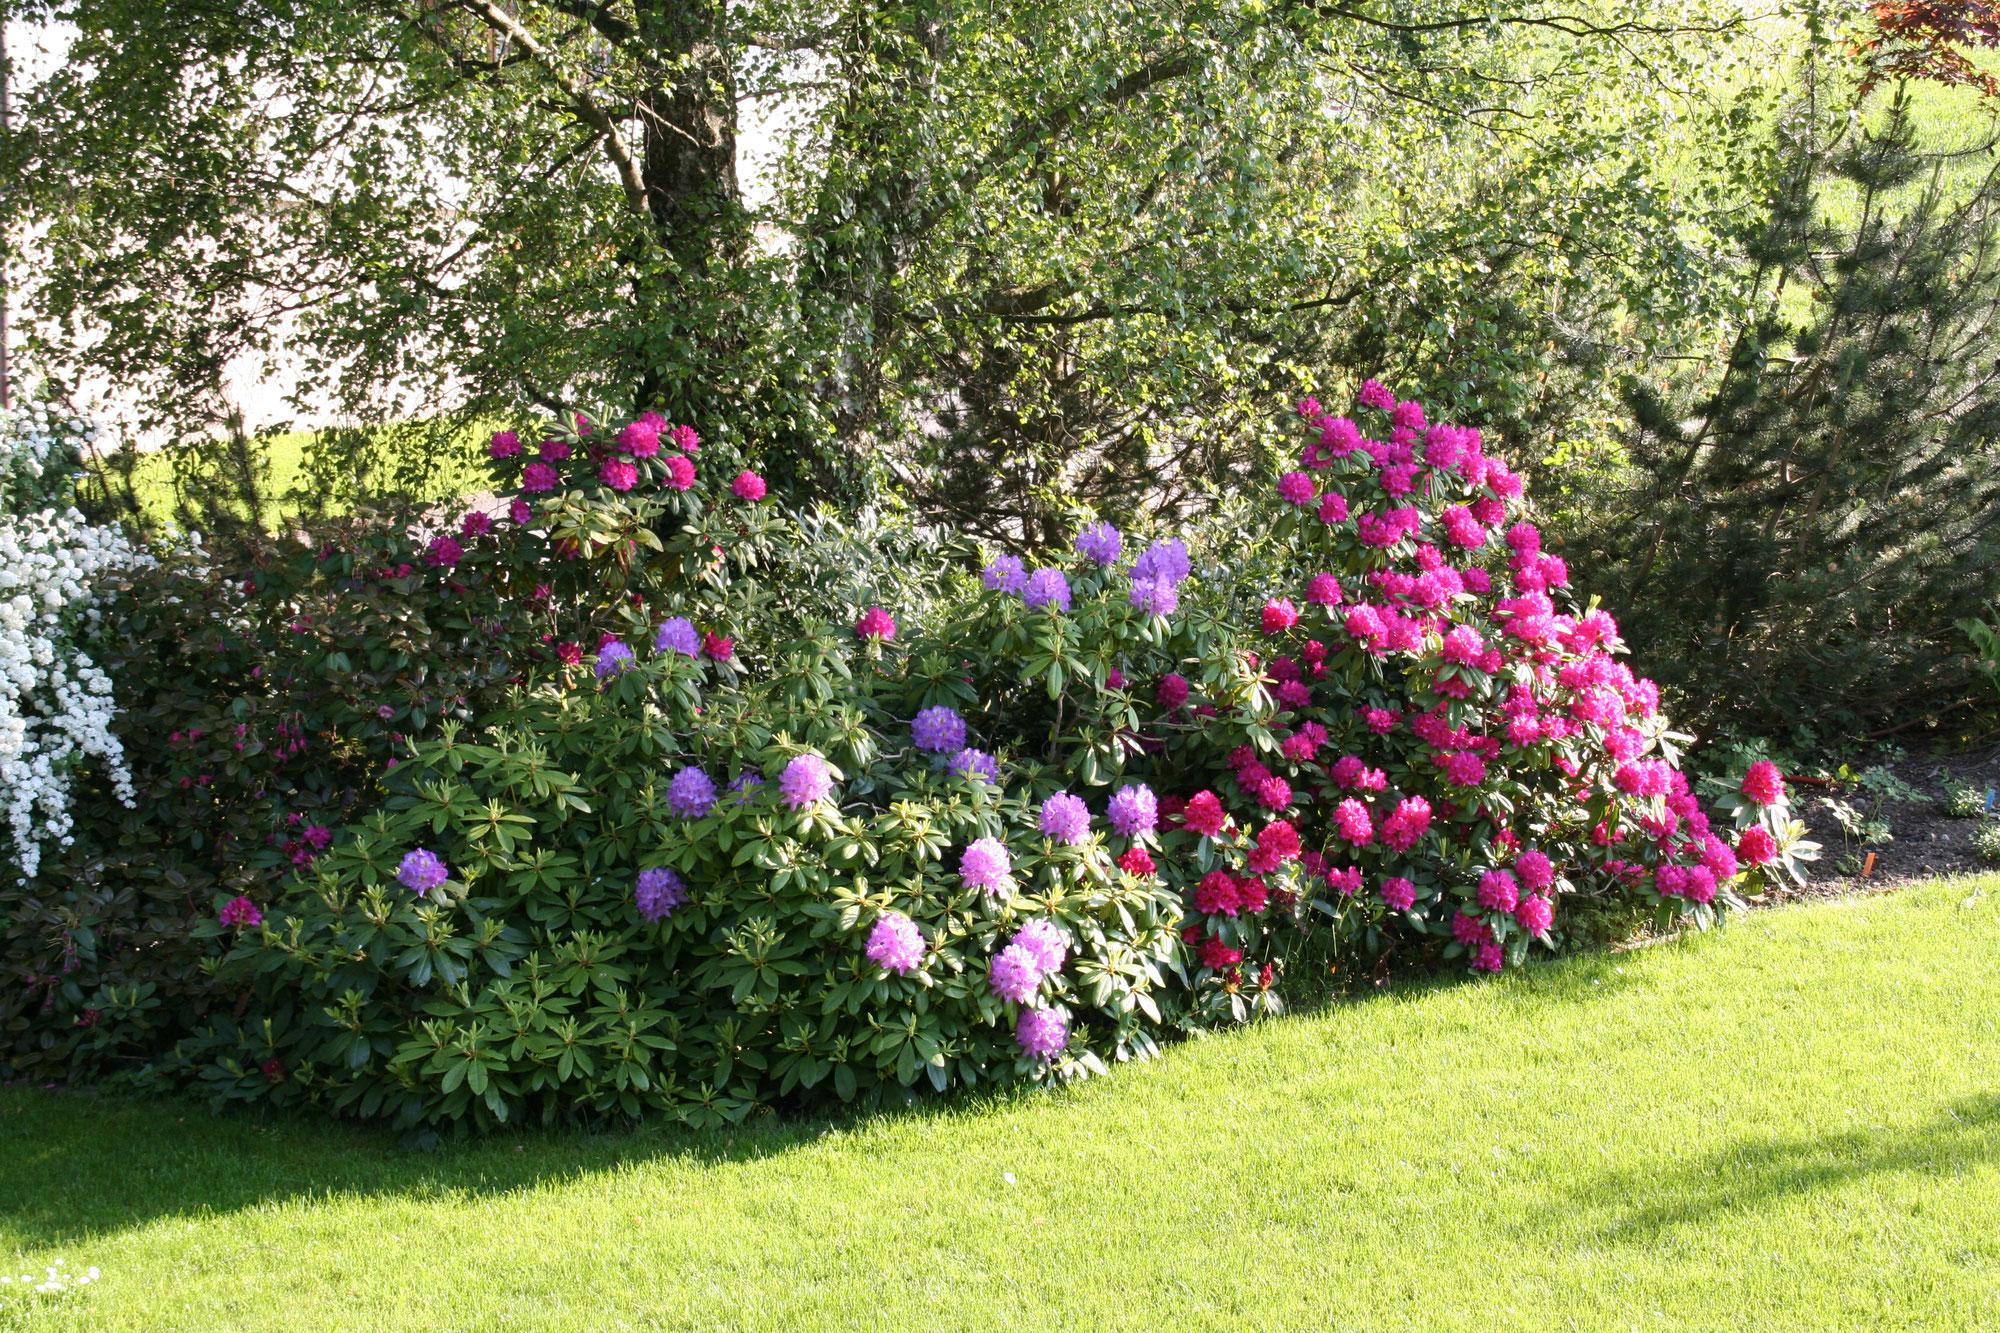 Menu huwiler gartengestaltung buttwil for Gartengestaltung 2000qm